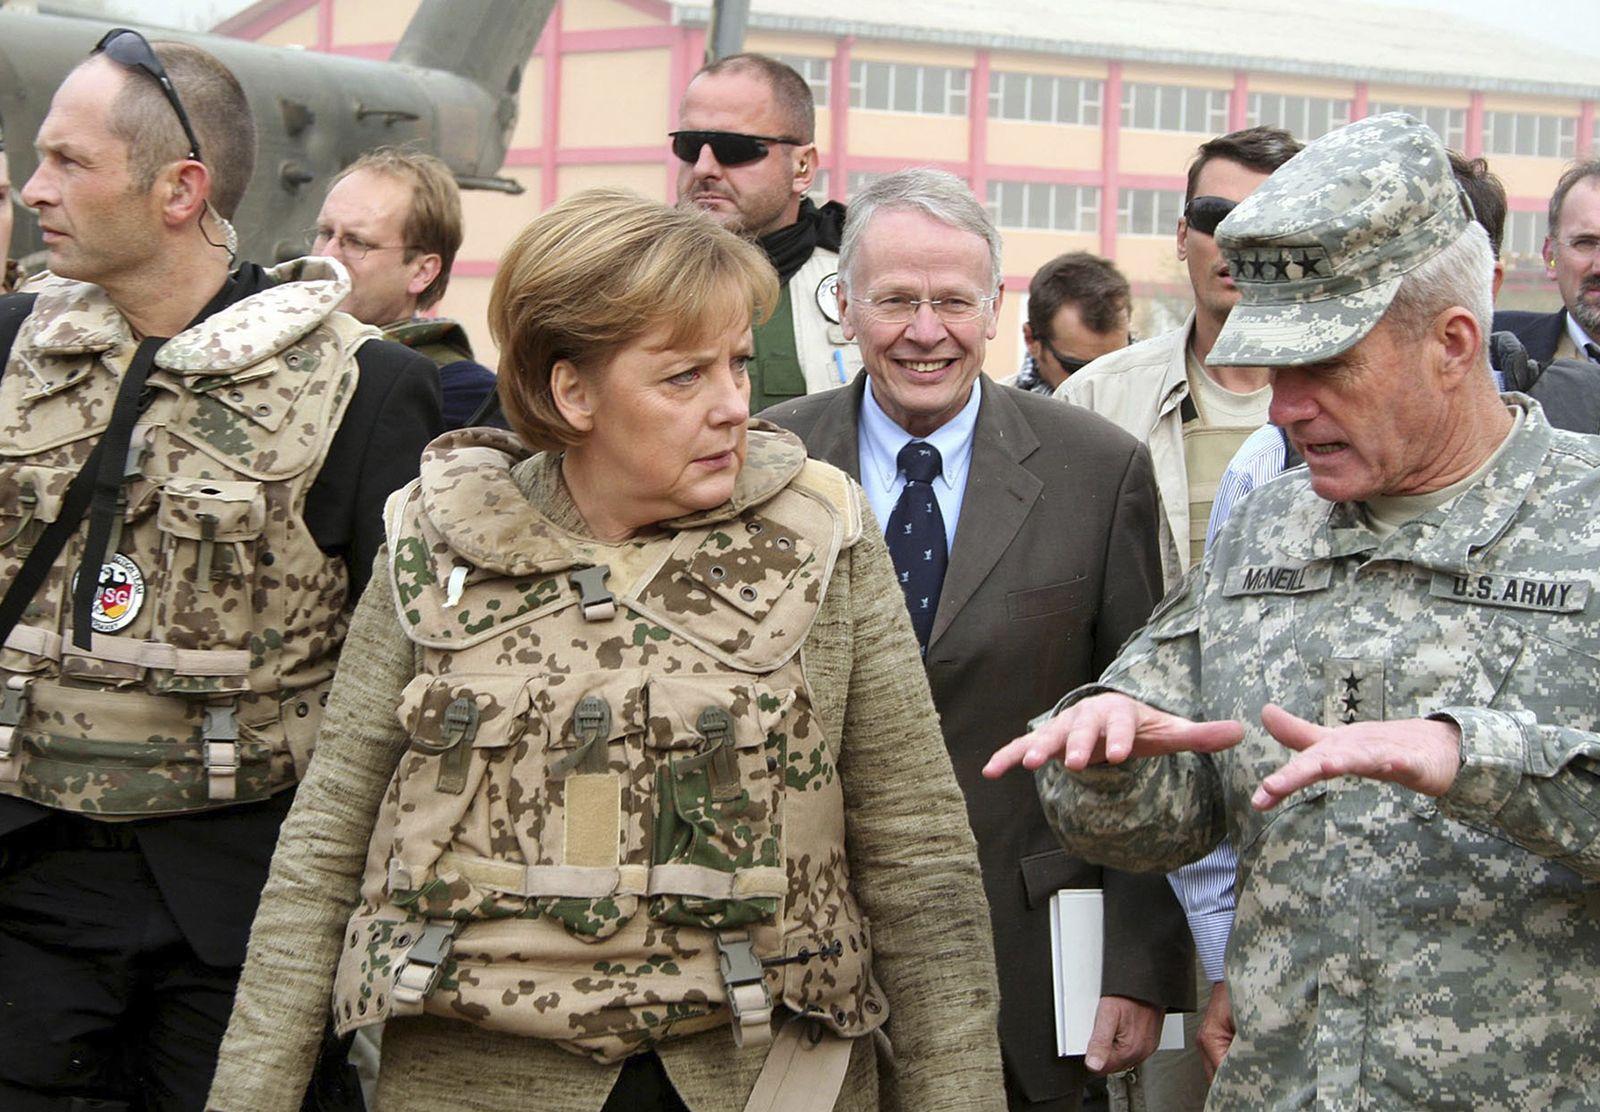 Tom Koenigs/ Angela merkel/ Afghanistan